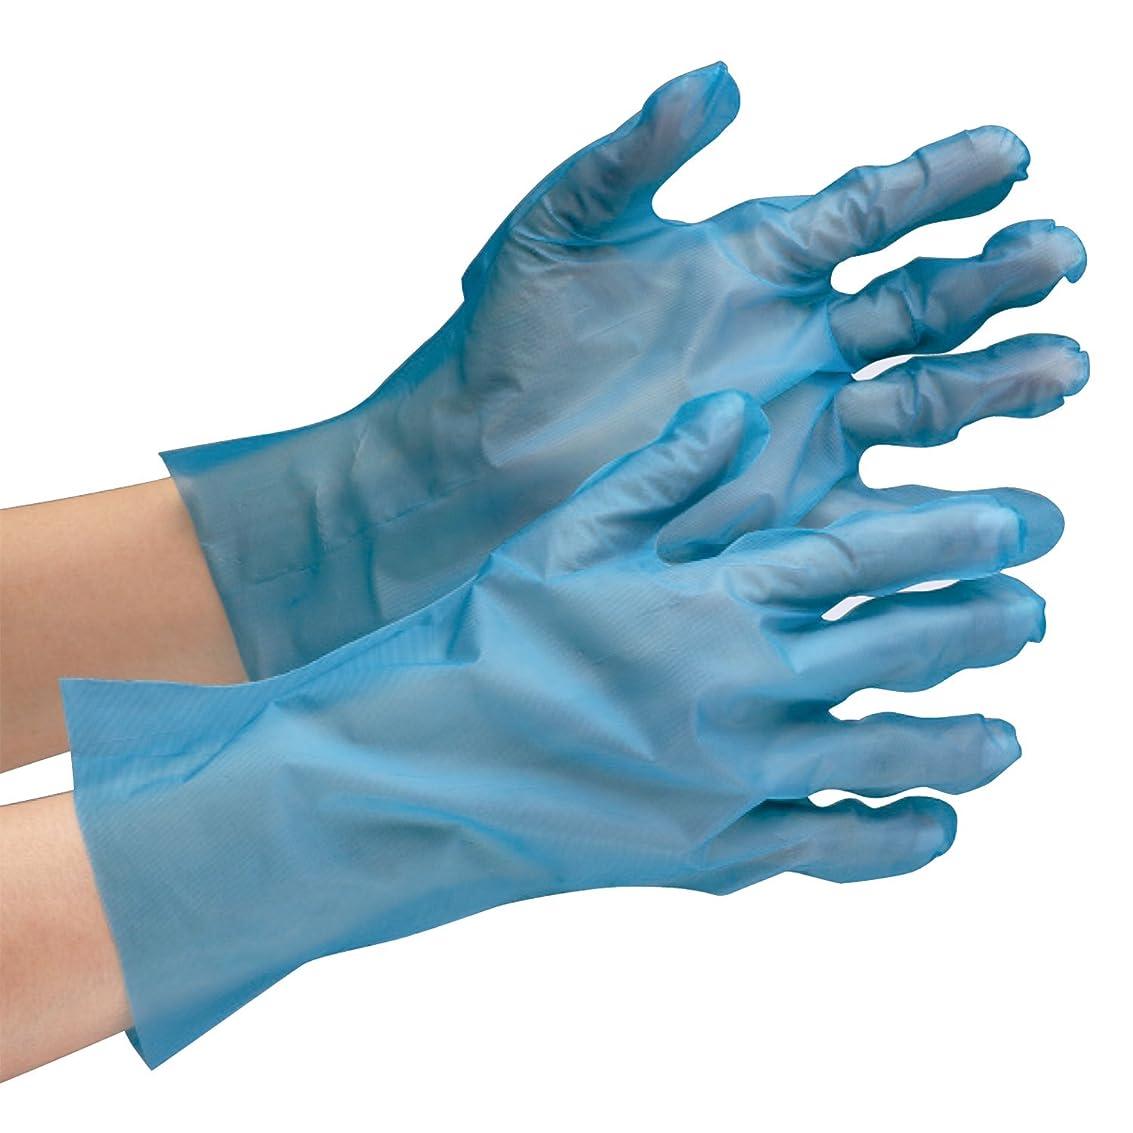 バイナリ基本的な彼らはミドリ安全 ポリエチレン使い捨て手袋 外エンボス 200枚入 青 SS VERTE576SS